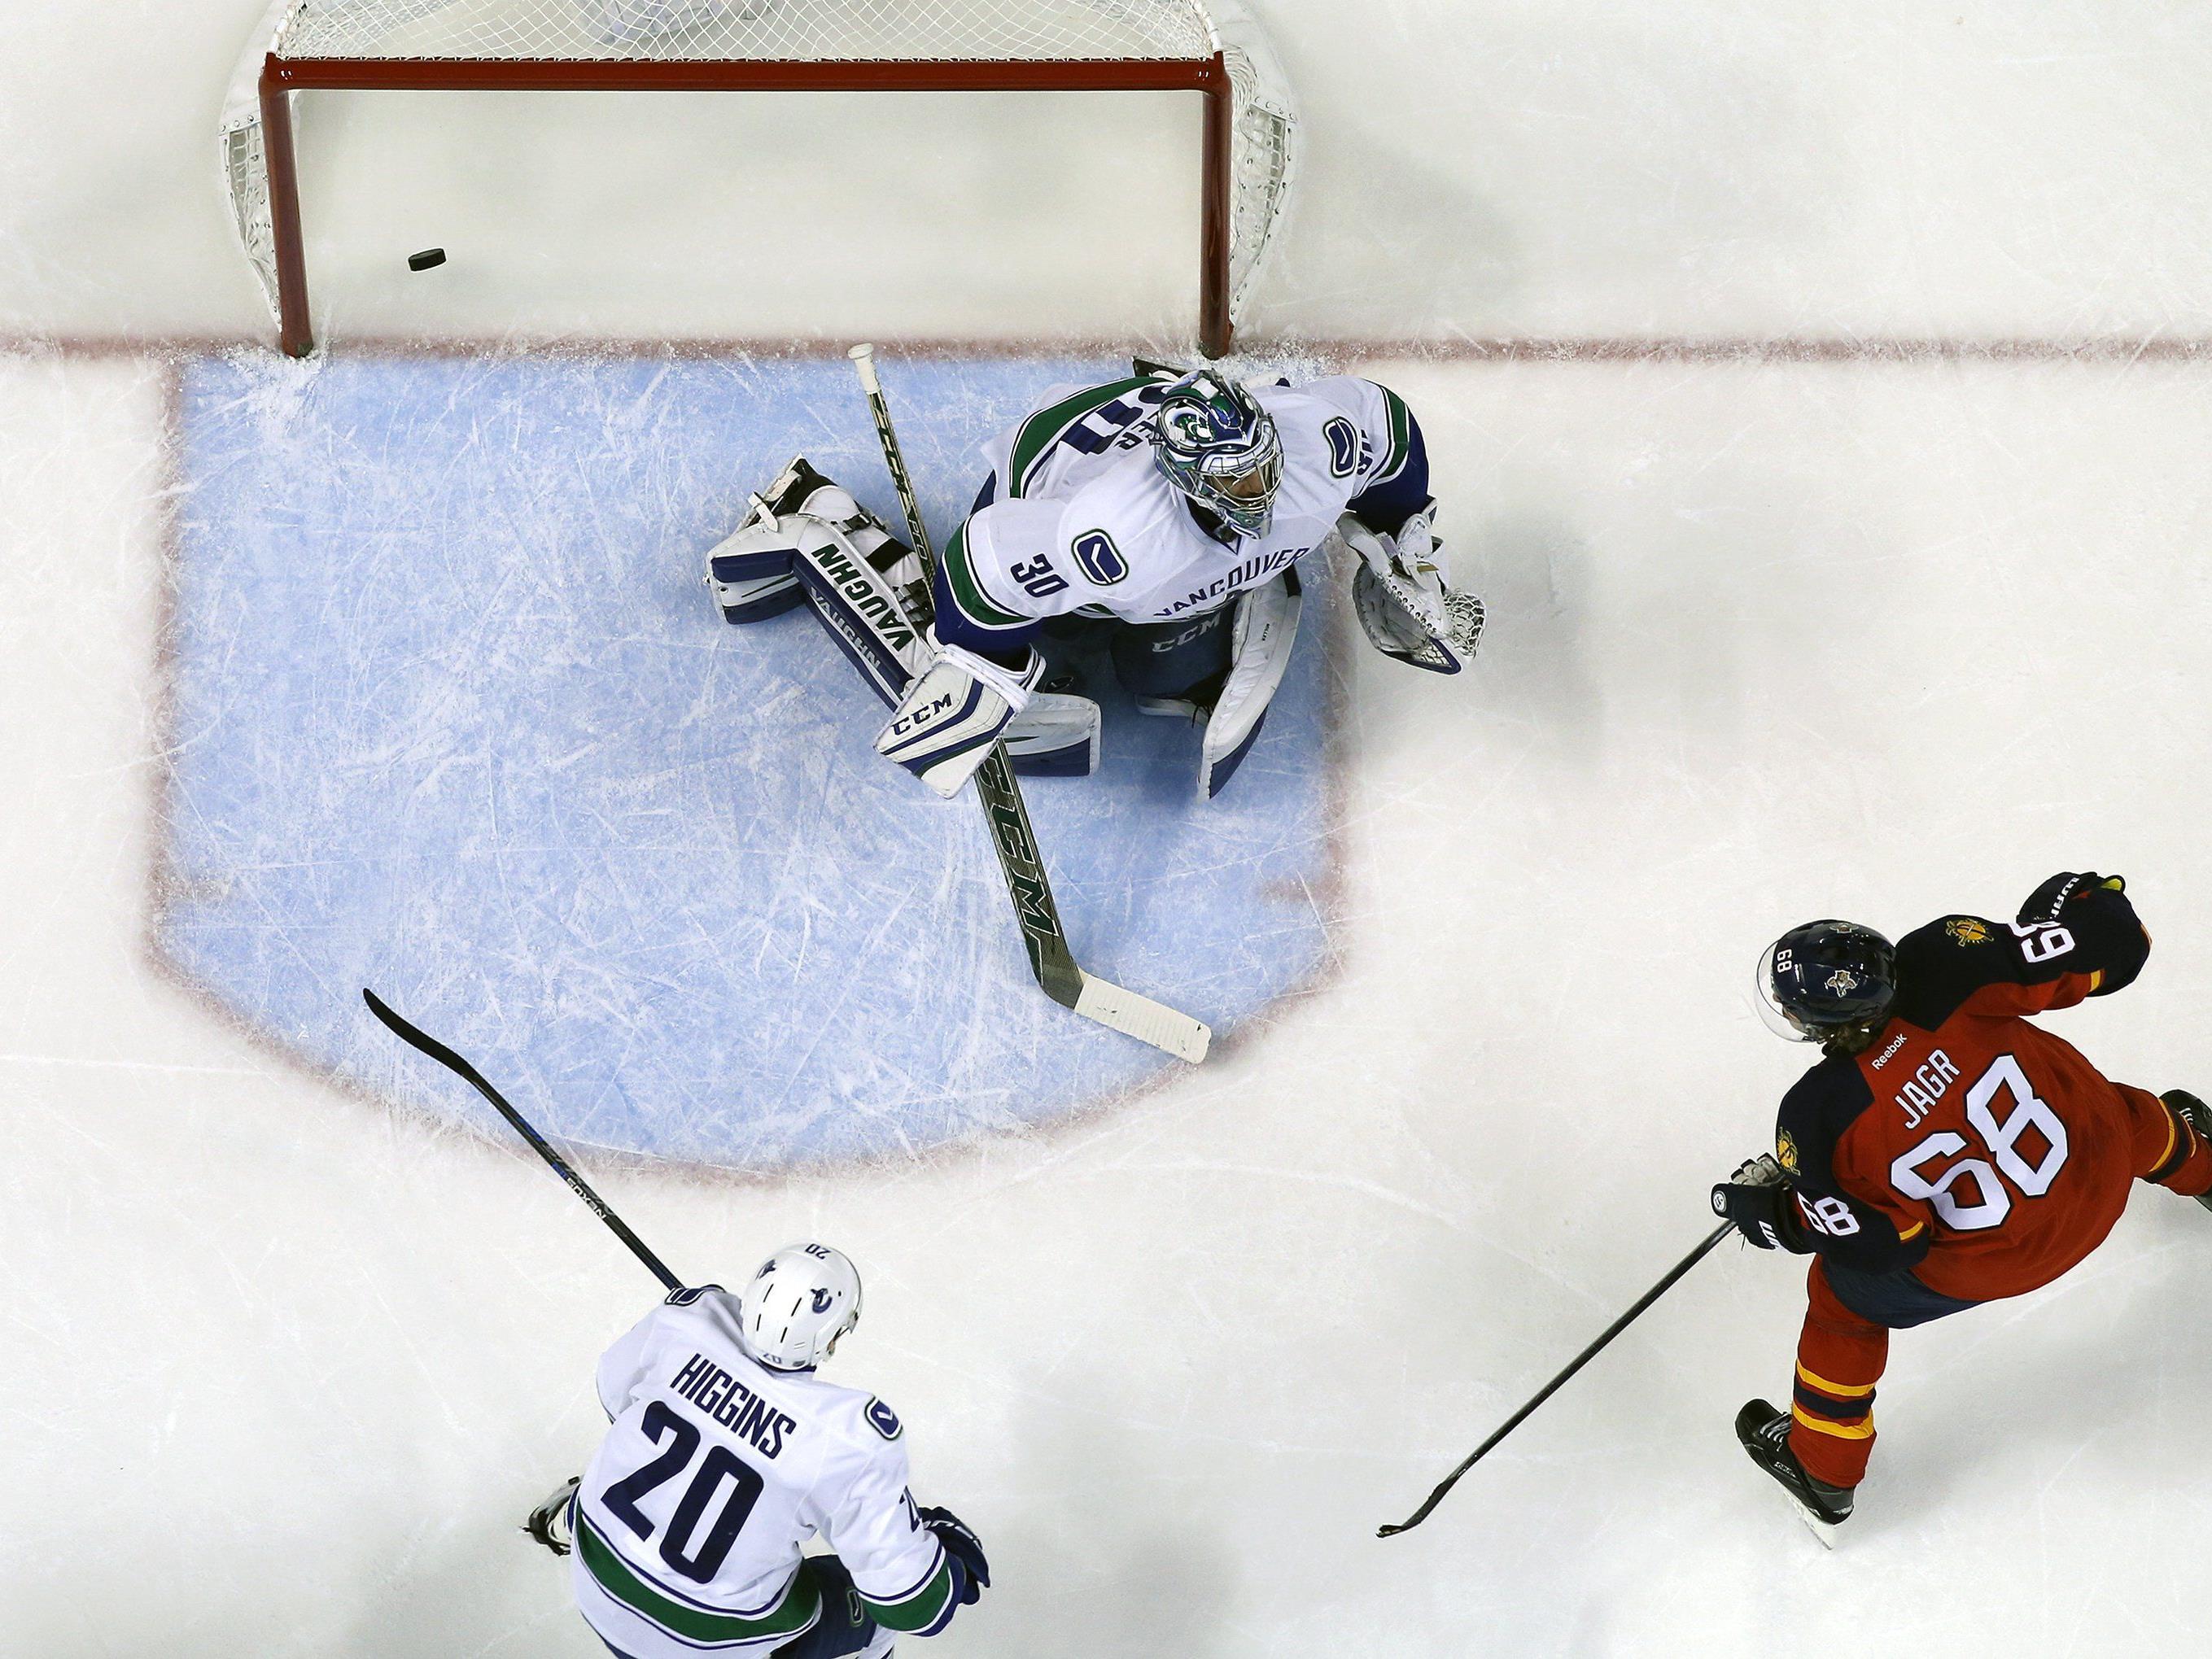 Der 43-jährige (!) Tscheche ist weiterhin für Tore und Punkte in der NHL gut.